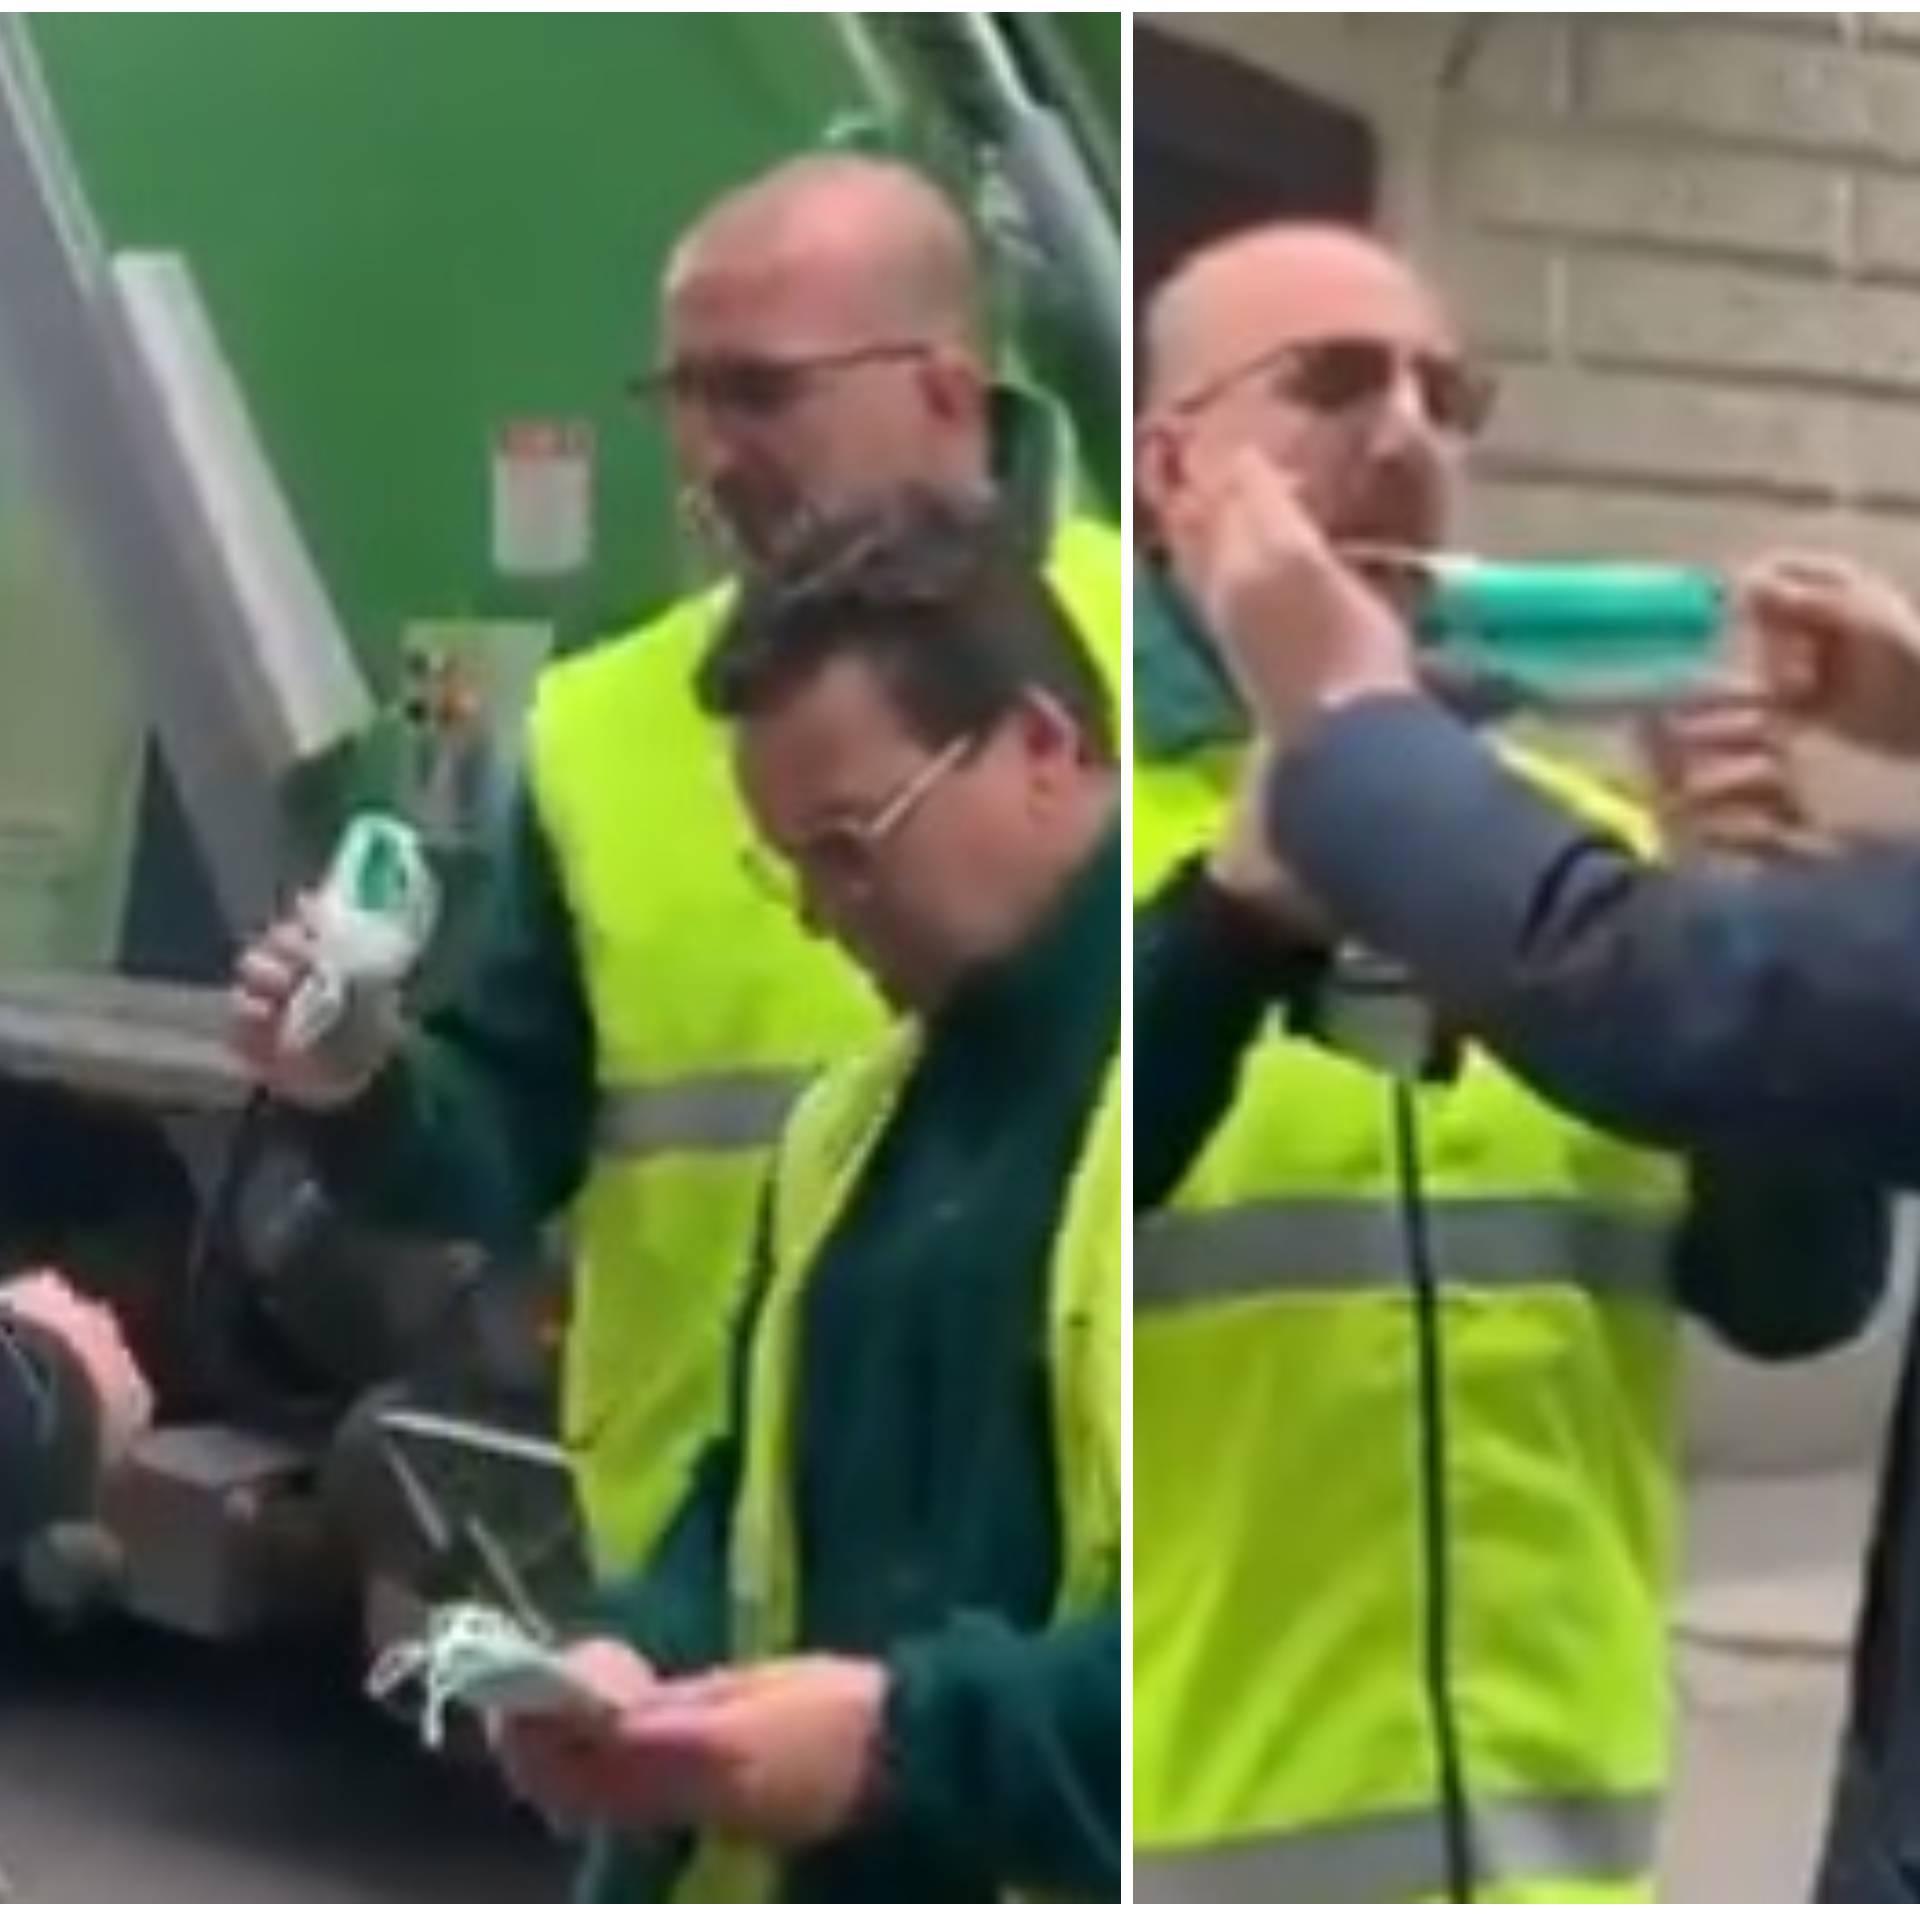 Talijanski komunalci u strahu za život: Maske im dali Kinezi!